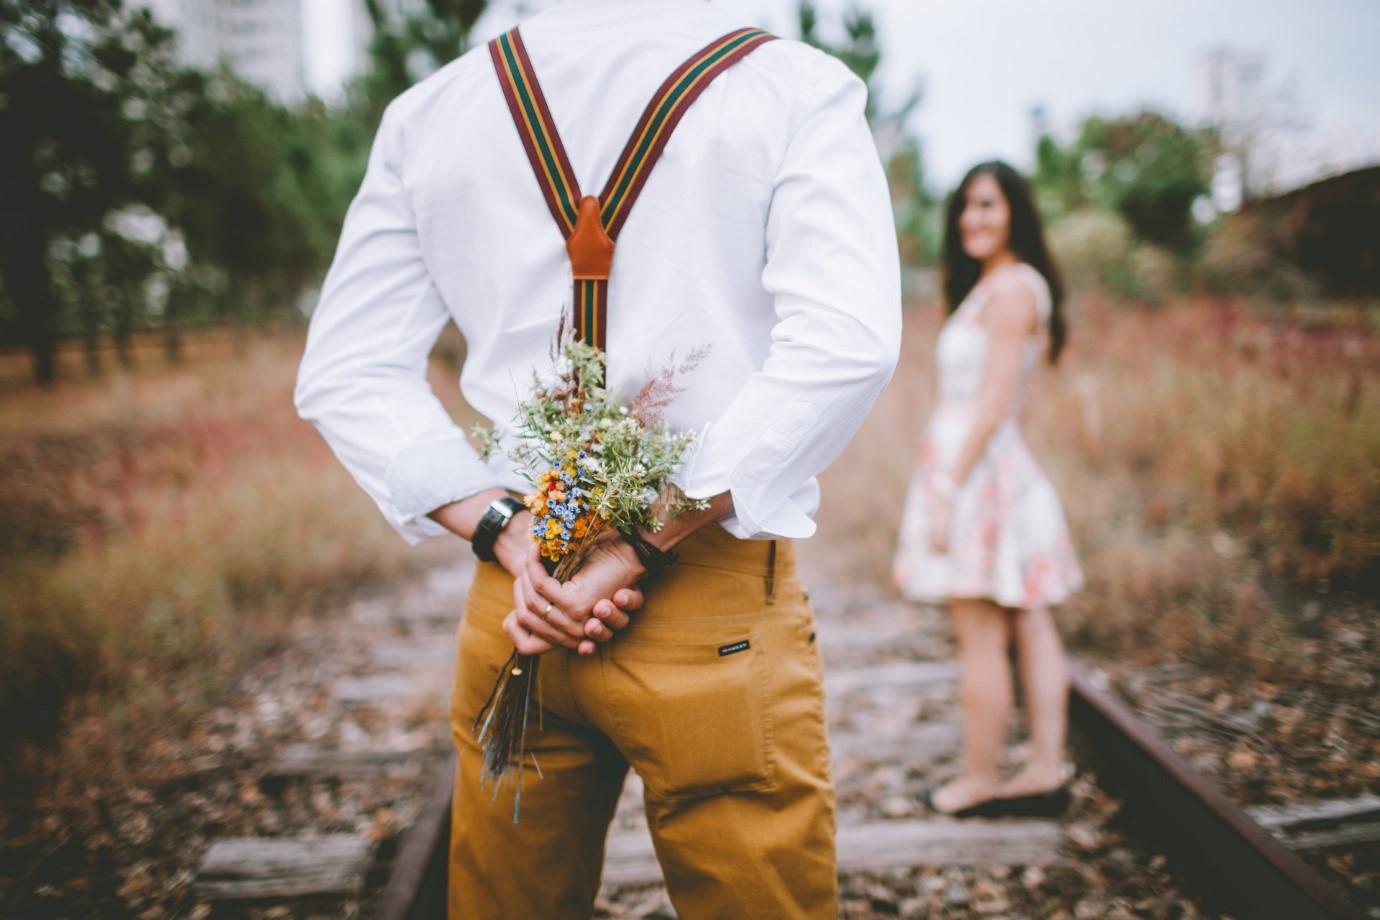 Memberikan bunga pada pasangan